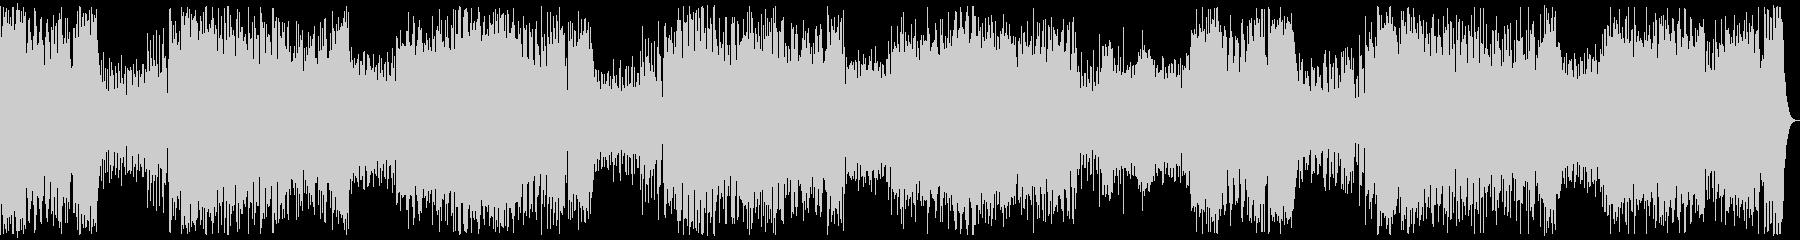 交響曲第25番K.183 リズム入りの未再生の波形